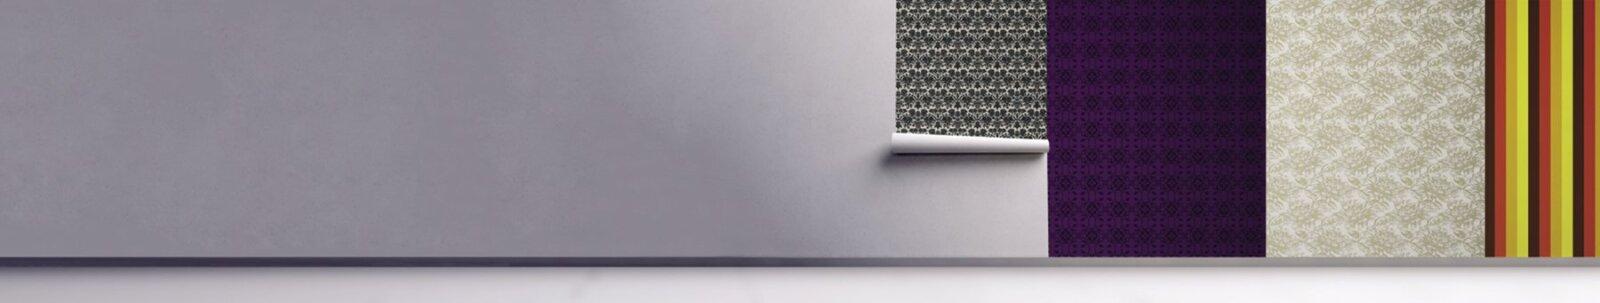 Carta da parati personalizzata online for Casa personalizzata online